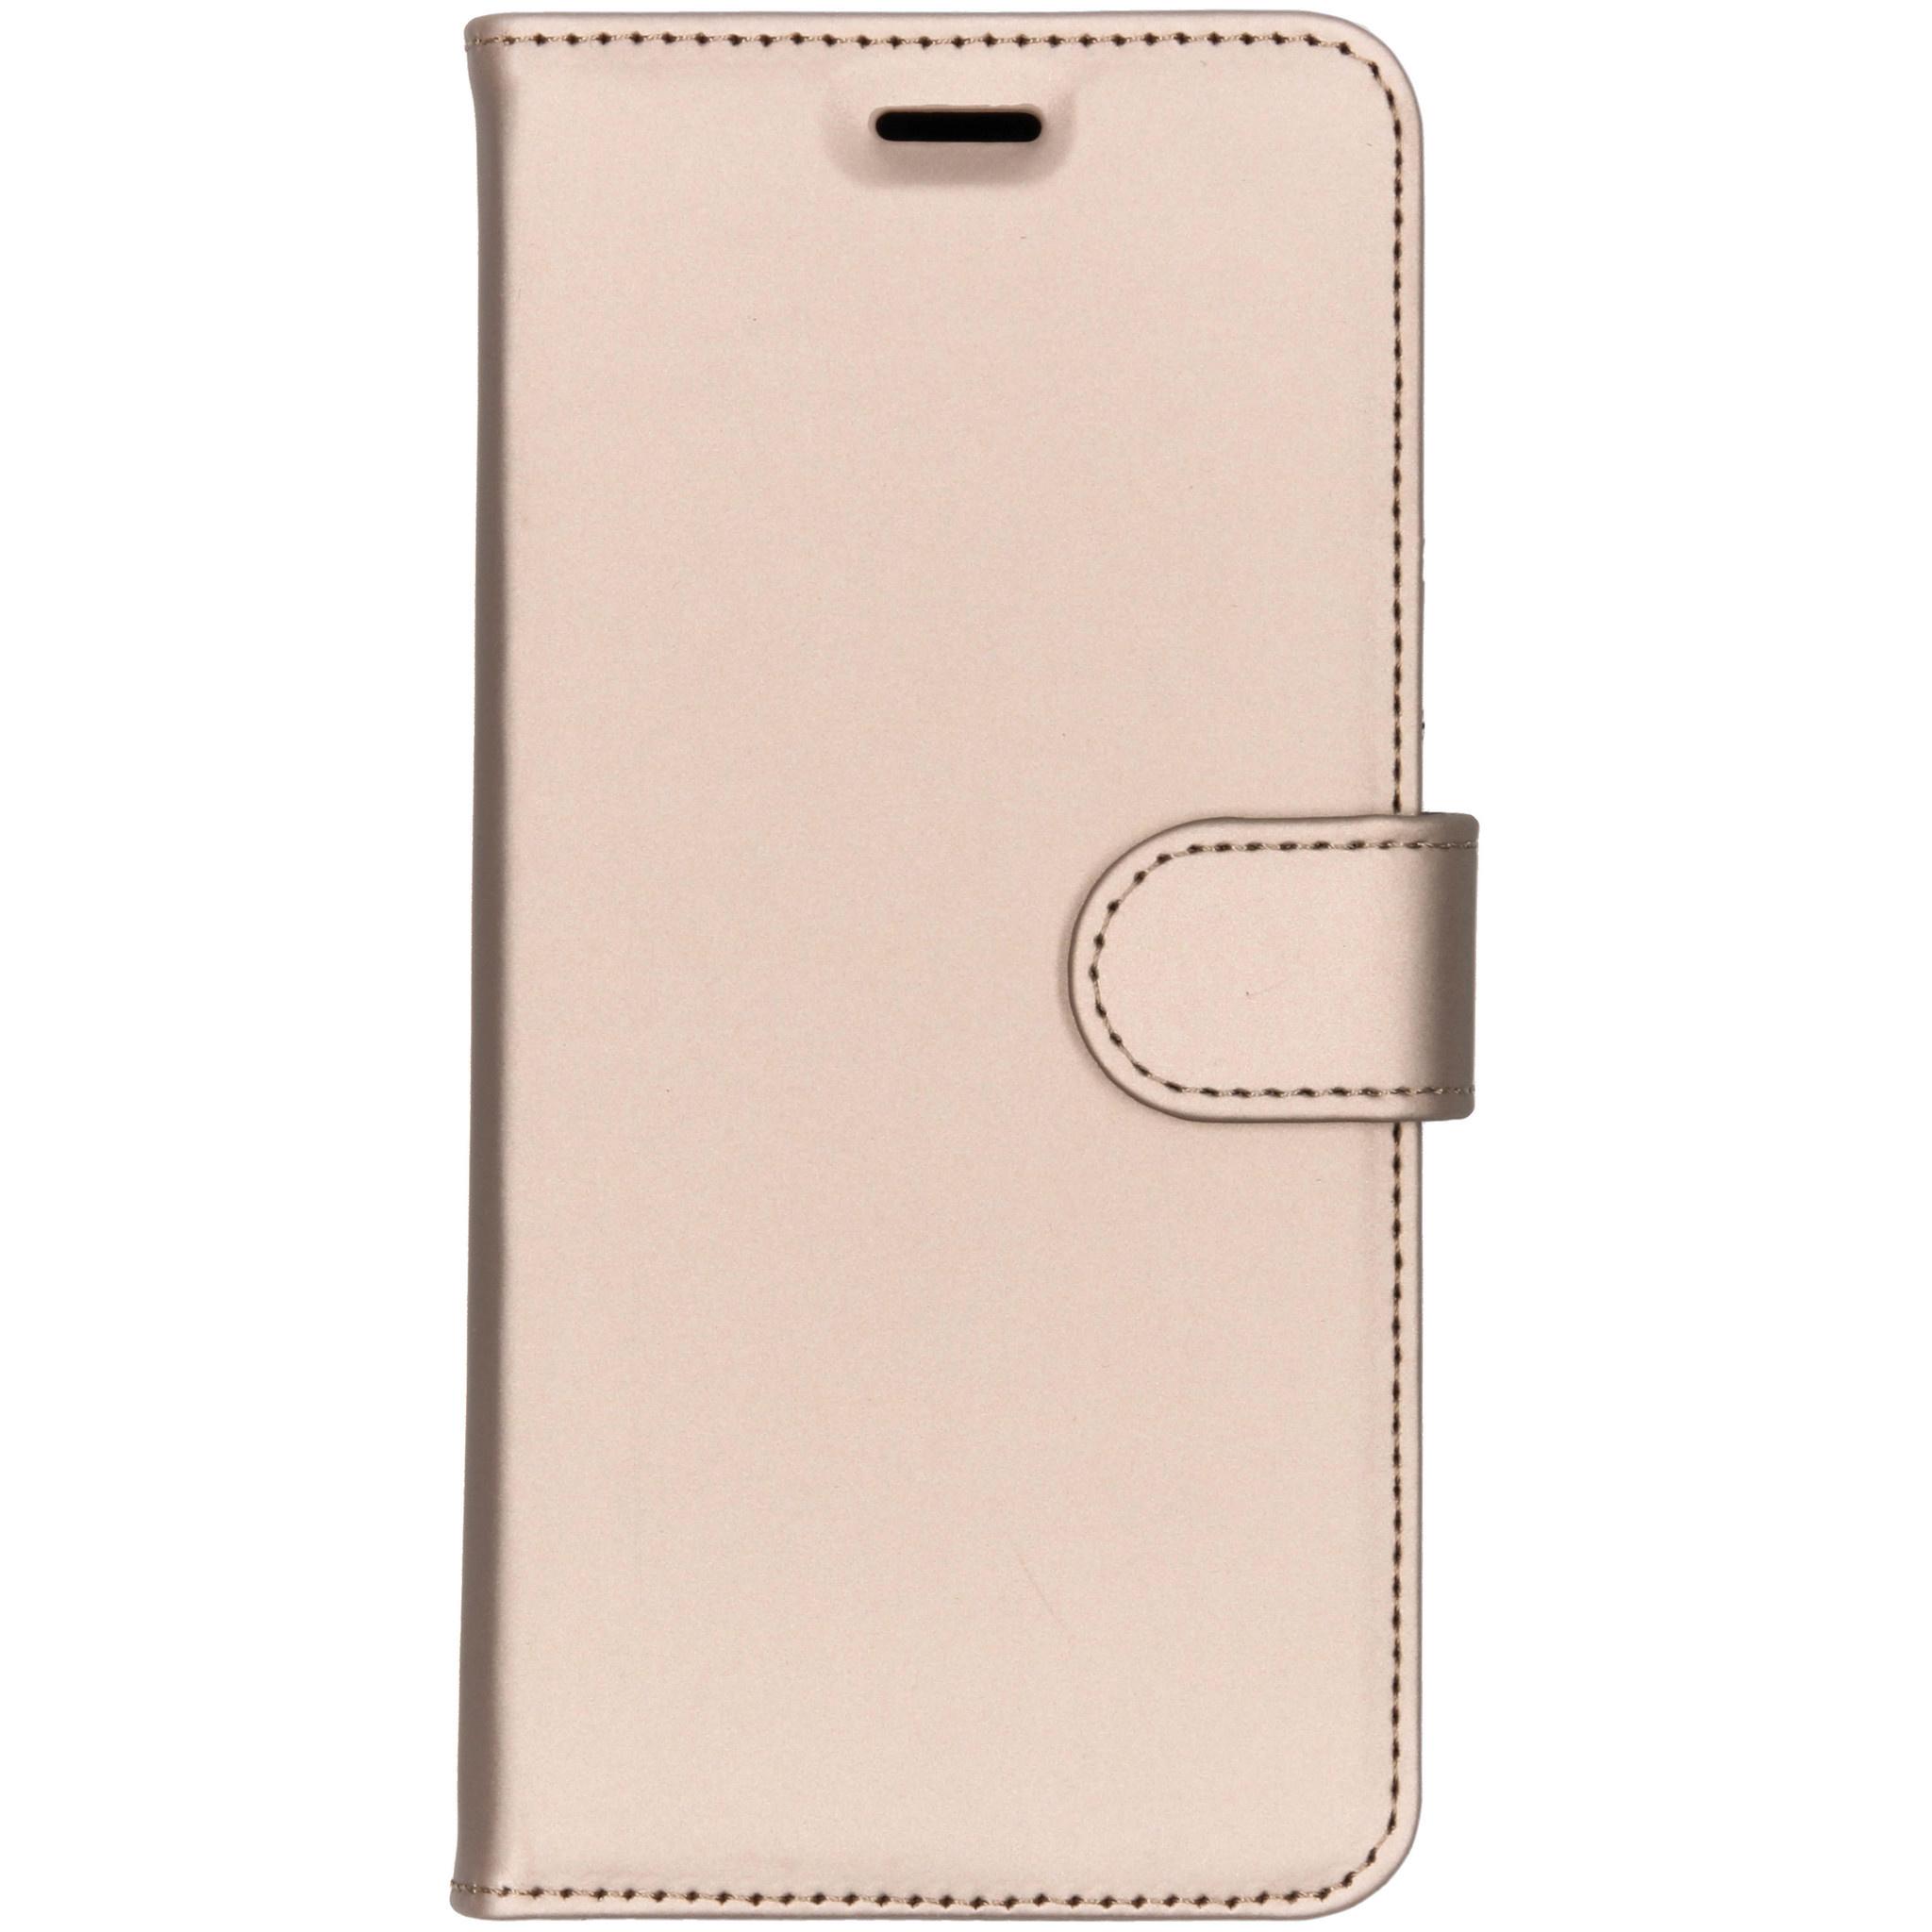 Accezz Goldenes Wallet TPU Booklet für das Nokia 7 Plus